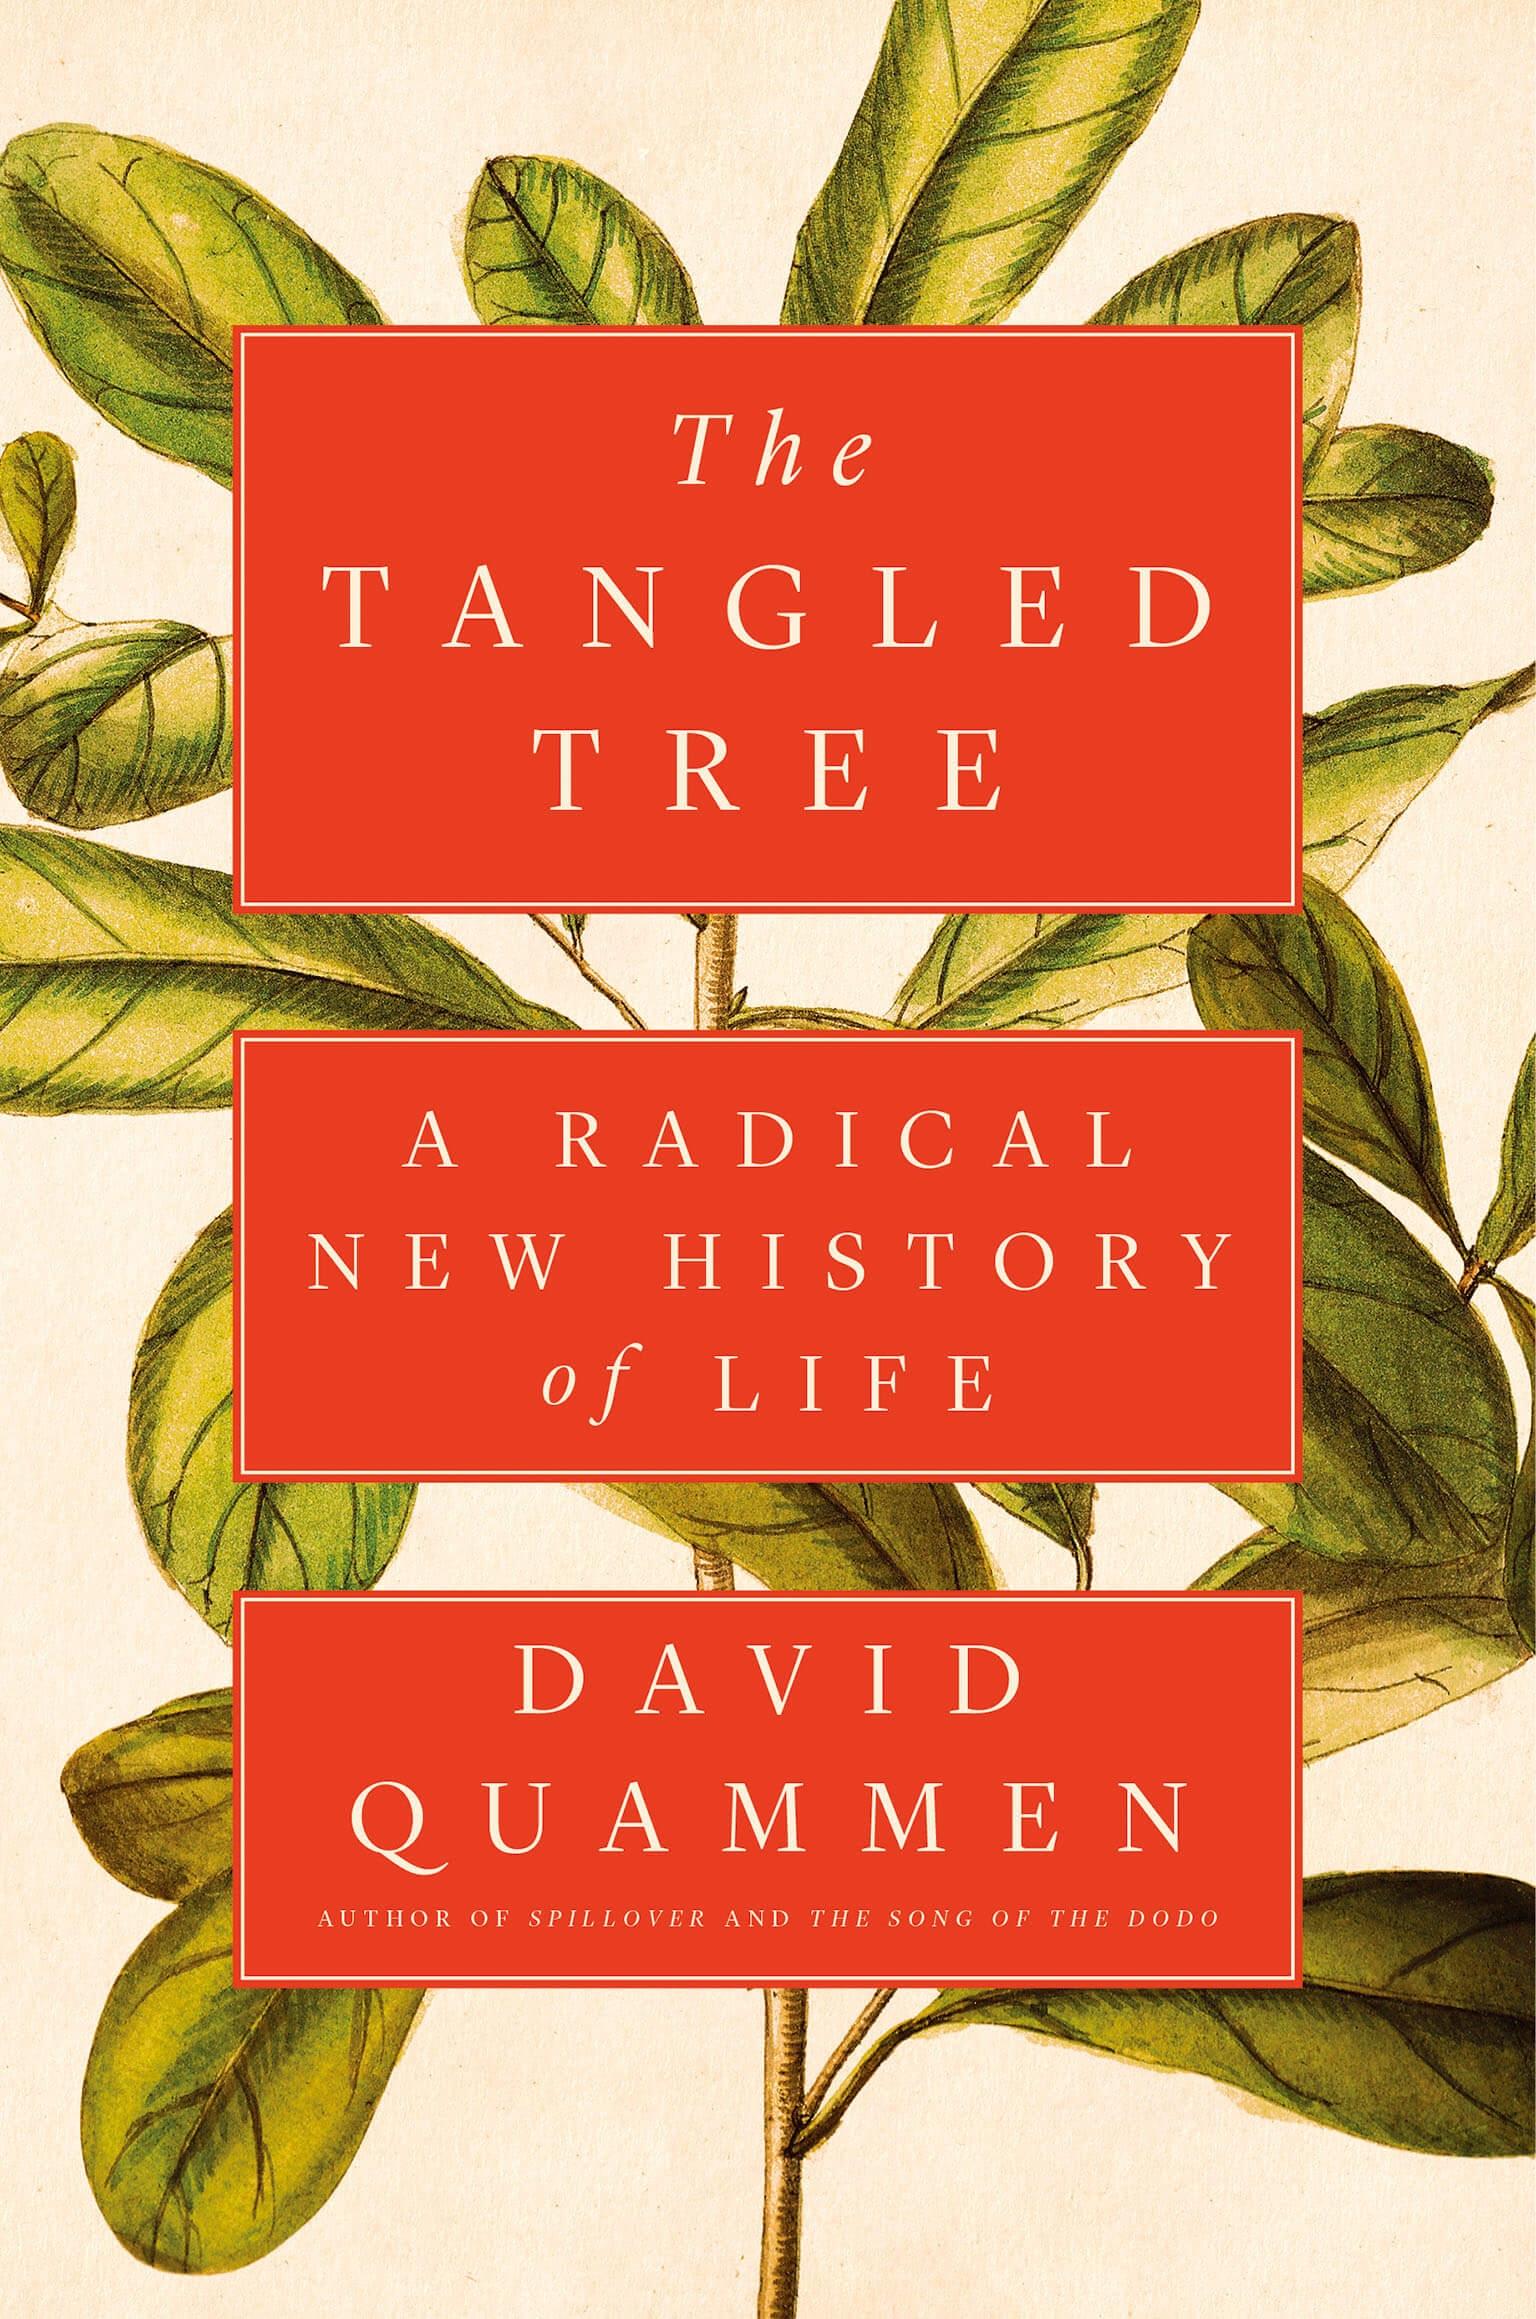 《國家地理》雜誌特約撰稿人大衛.逵曼第一個關於傳染病的報導刊登於2007年10月號。本篇文章是根據大衛.逵曼2018年的新書《糾結的樹》(暫譯)改寫,此書由西蒙與舒斯特公司於2018年8月14日出版。